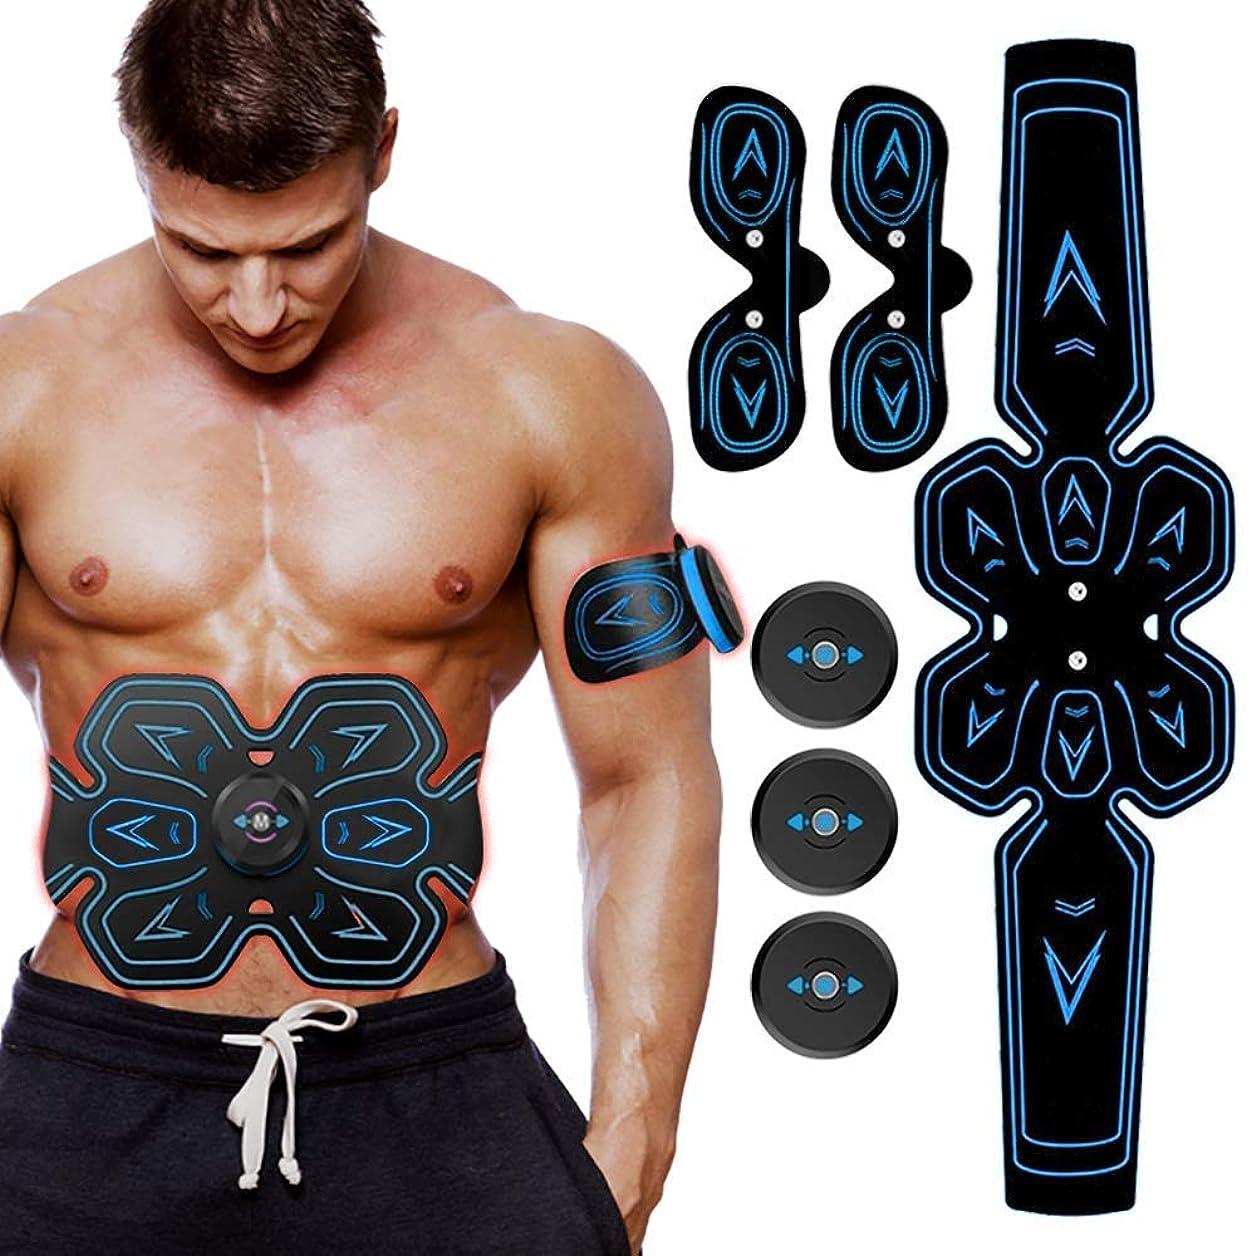 生活施設領域電気腹部筋肉刺激装置、ABSウエストトレーナーフィットネス減量体重減少マッサージャー用男性と女性の脂肪燃焼